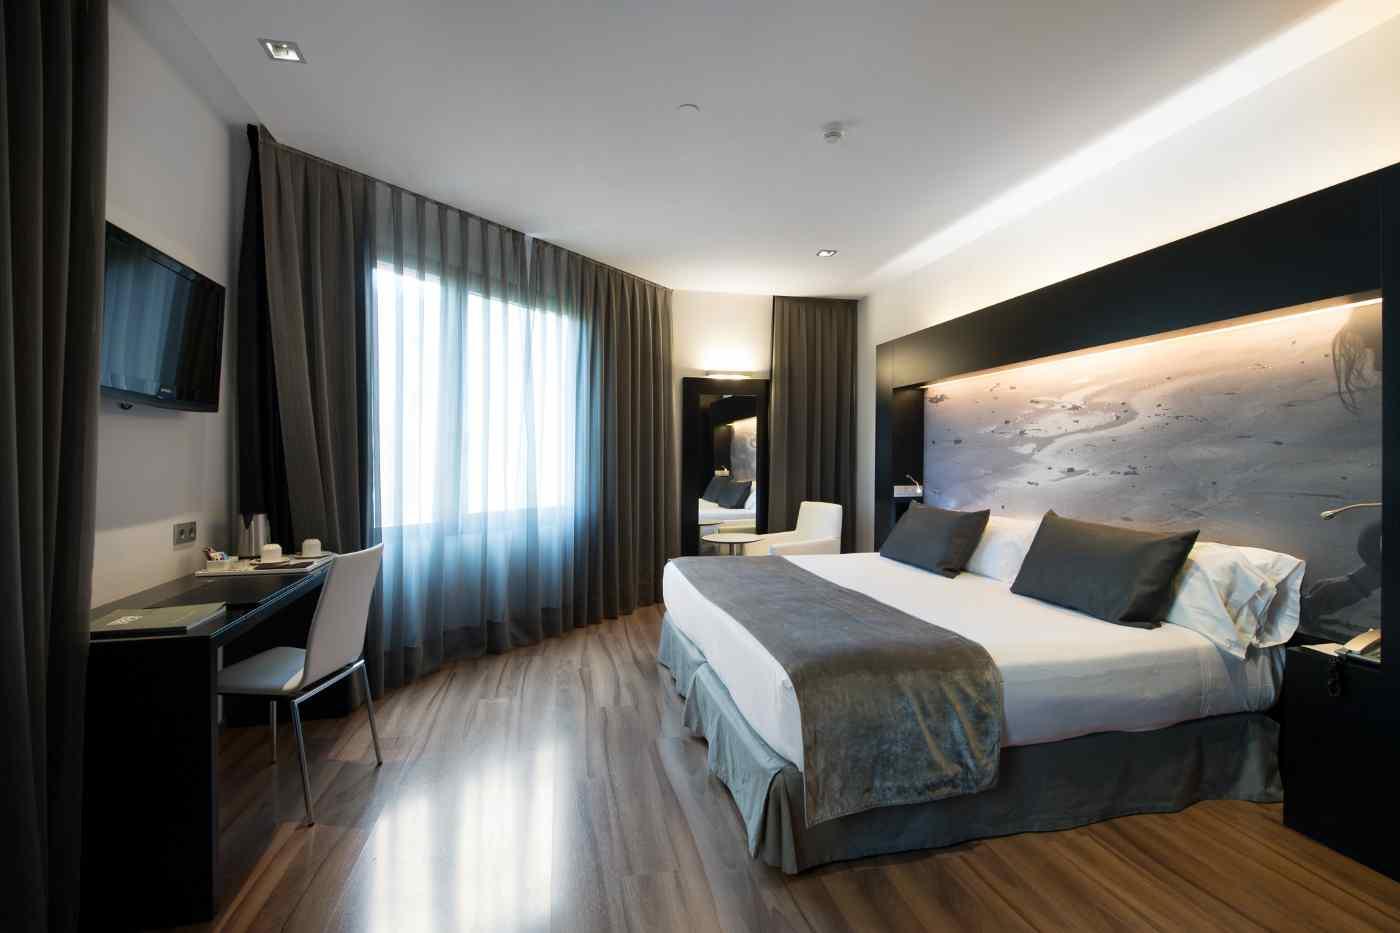 Hotelzimmer_1400xauto